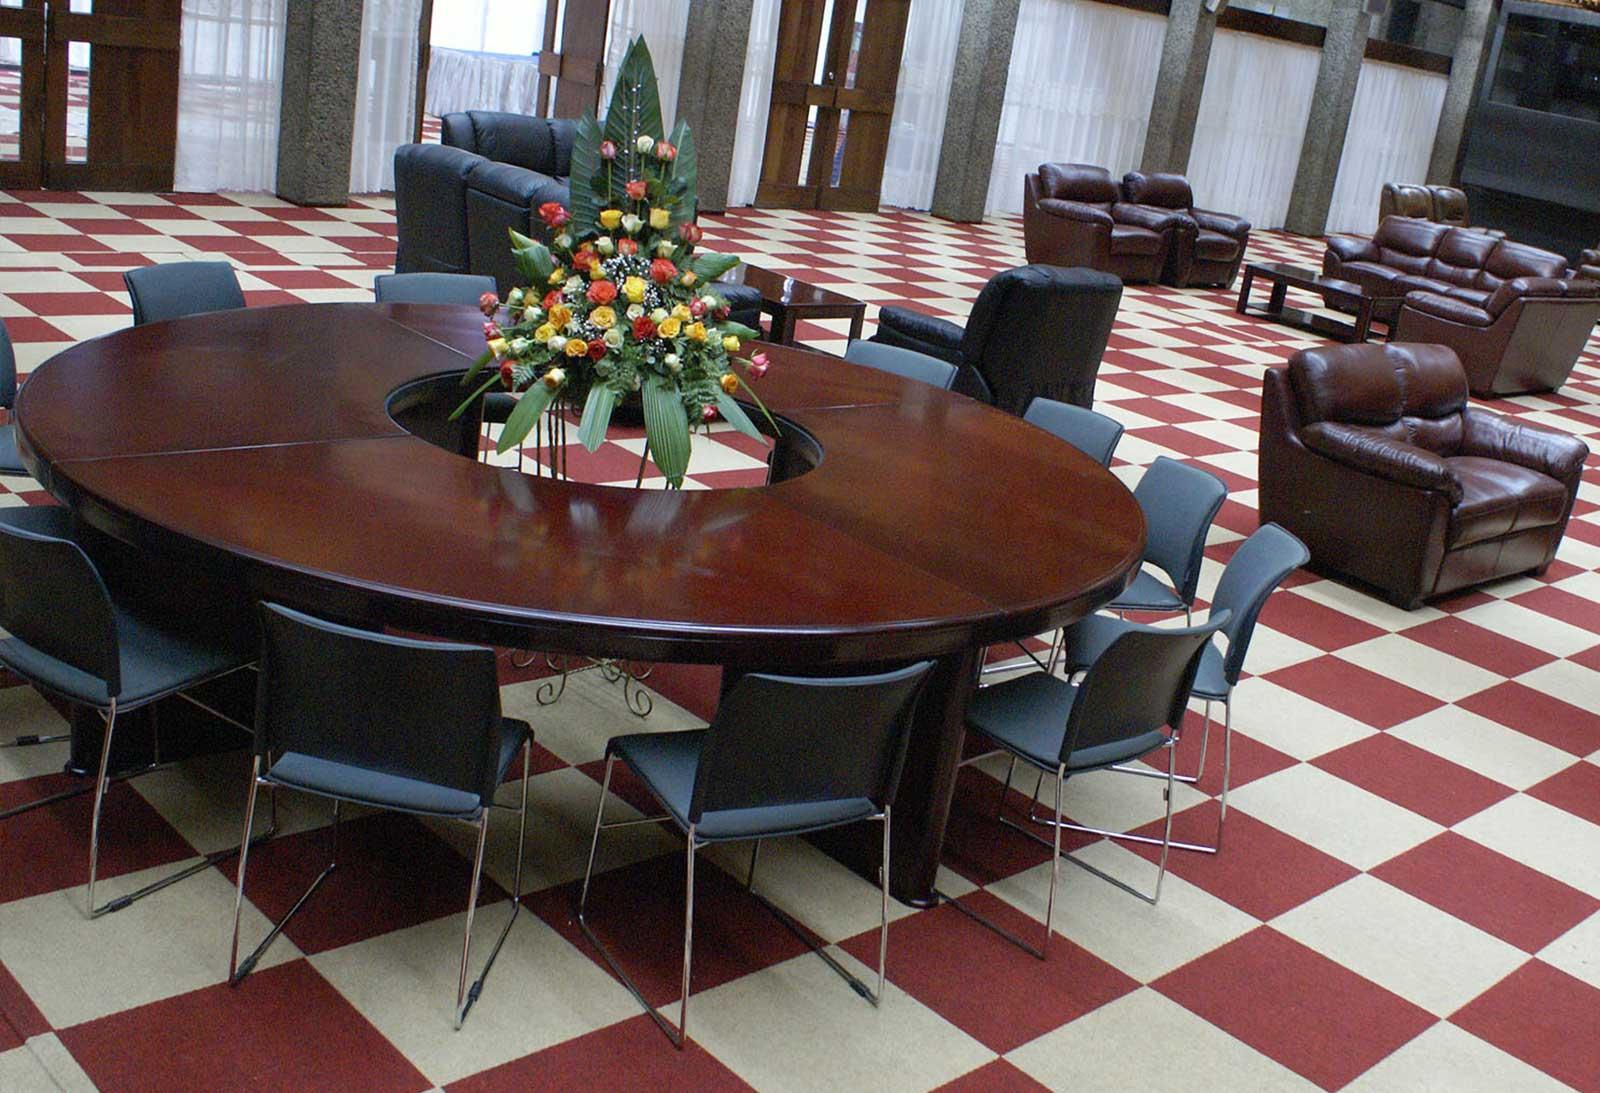 Delegates Lounge